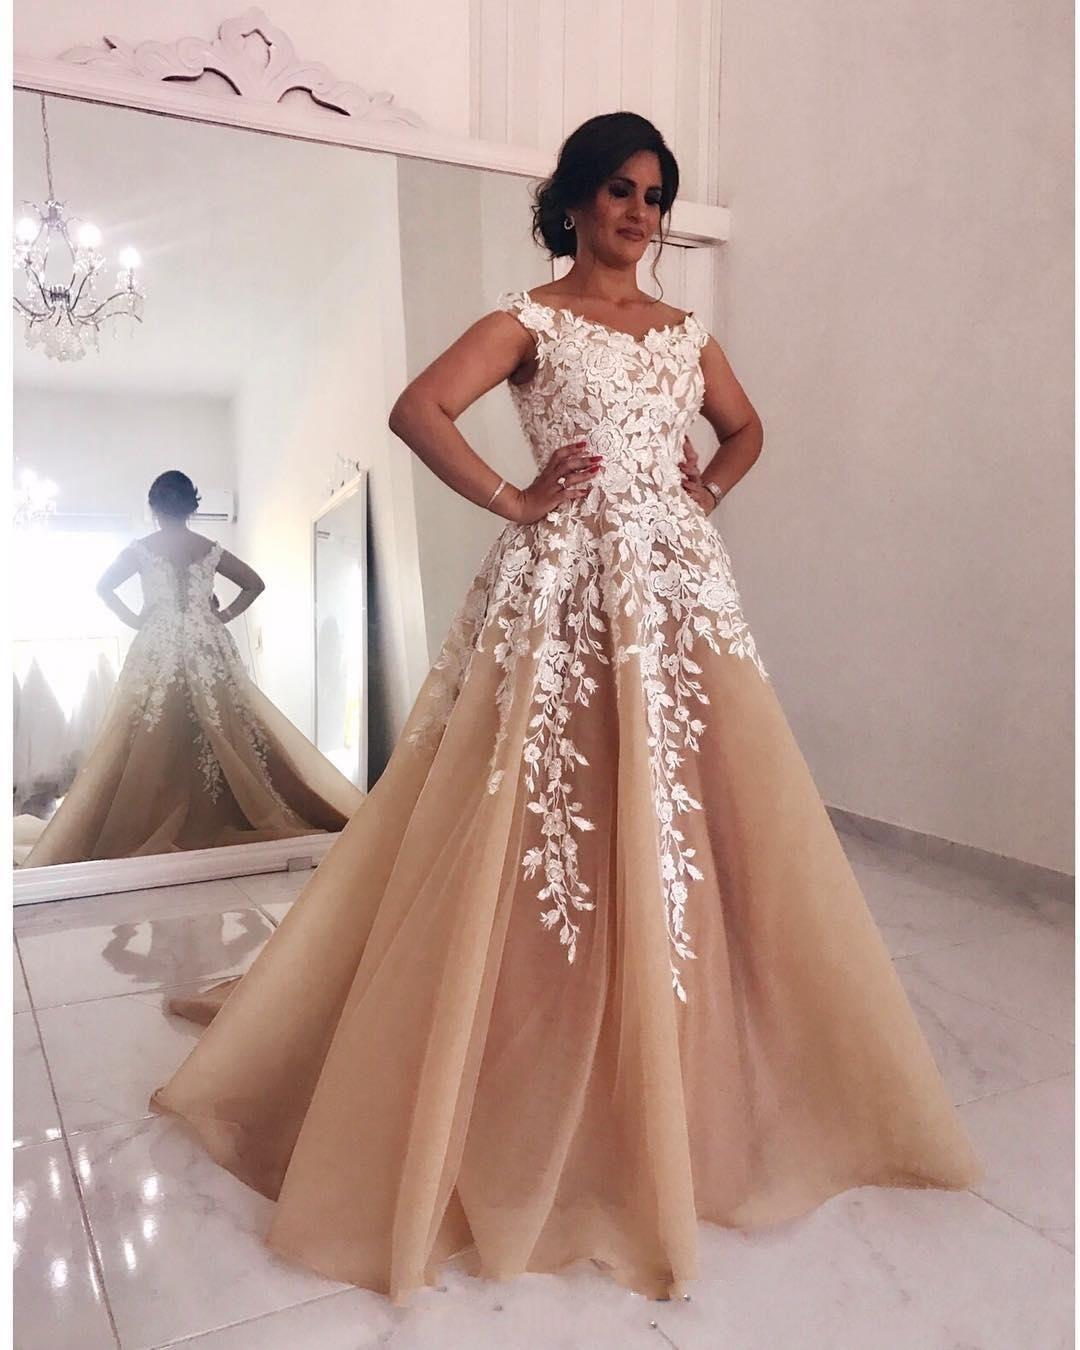 Champagner Spitze Perlen 2018 Abendkleider V-Ausschnitt A-Linie Tüll Prom Kleider Vintage Günstige Brautjungfer Pageant Formelle Party Kleider